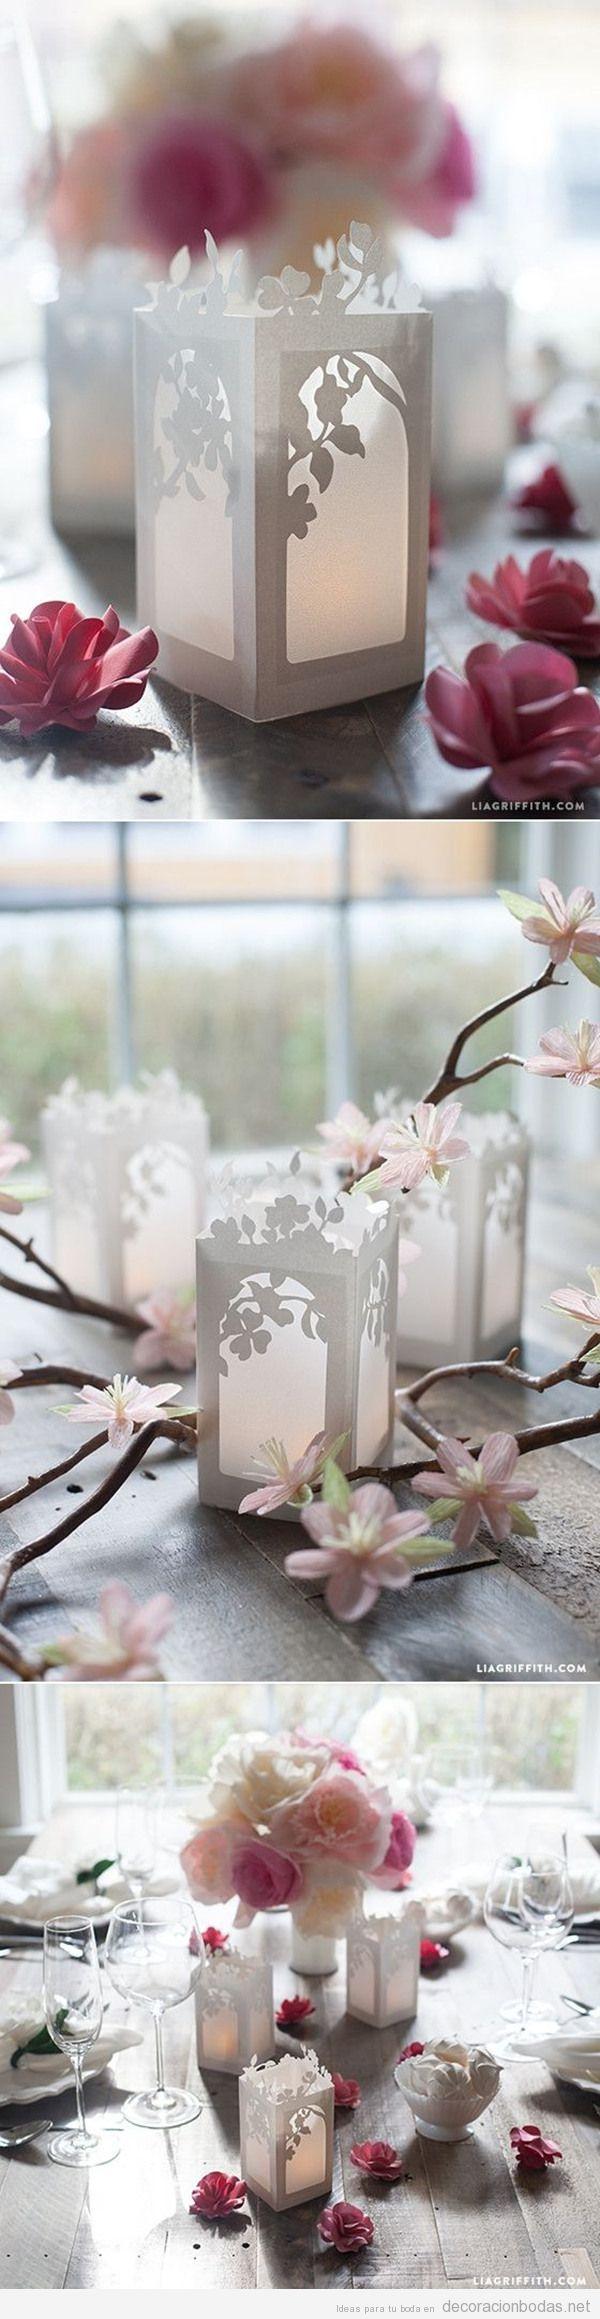 Manualidades para decorar una boda en primavera 6